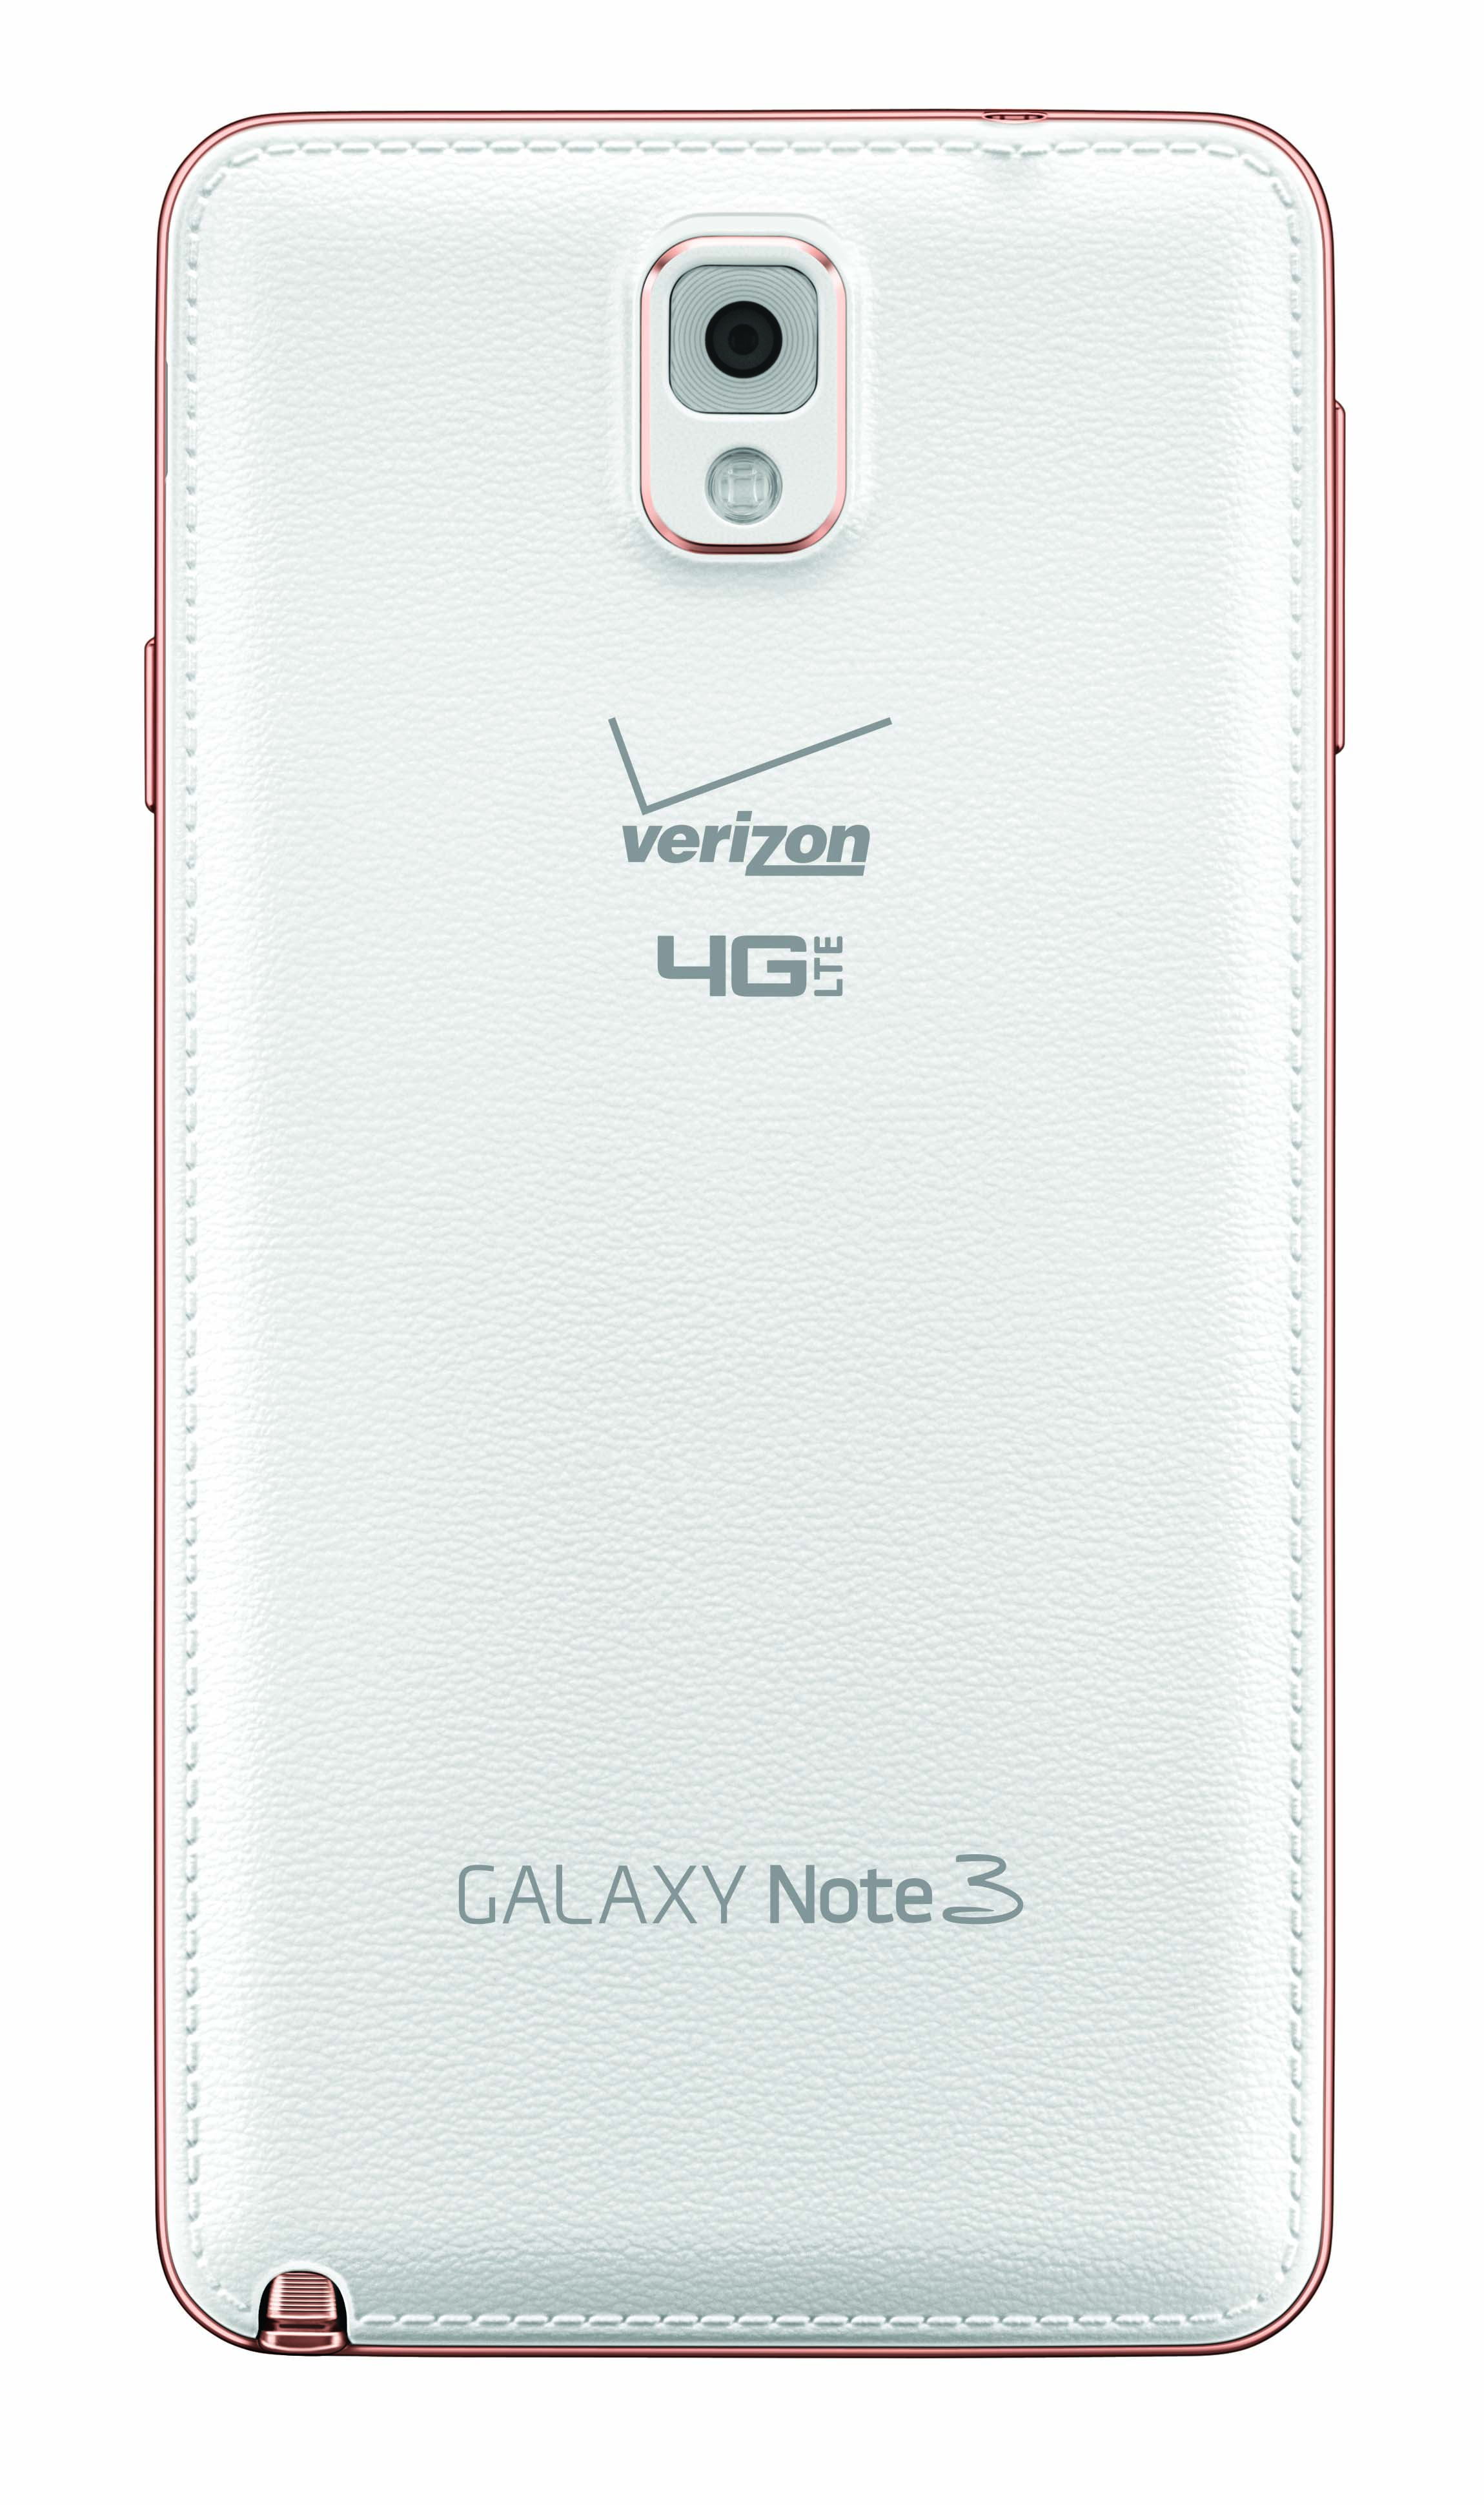 Galaxy Note 3 Verizon